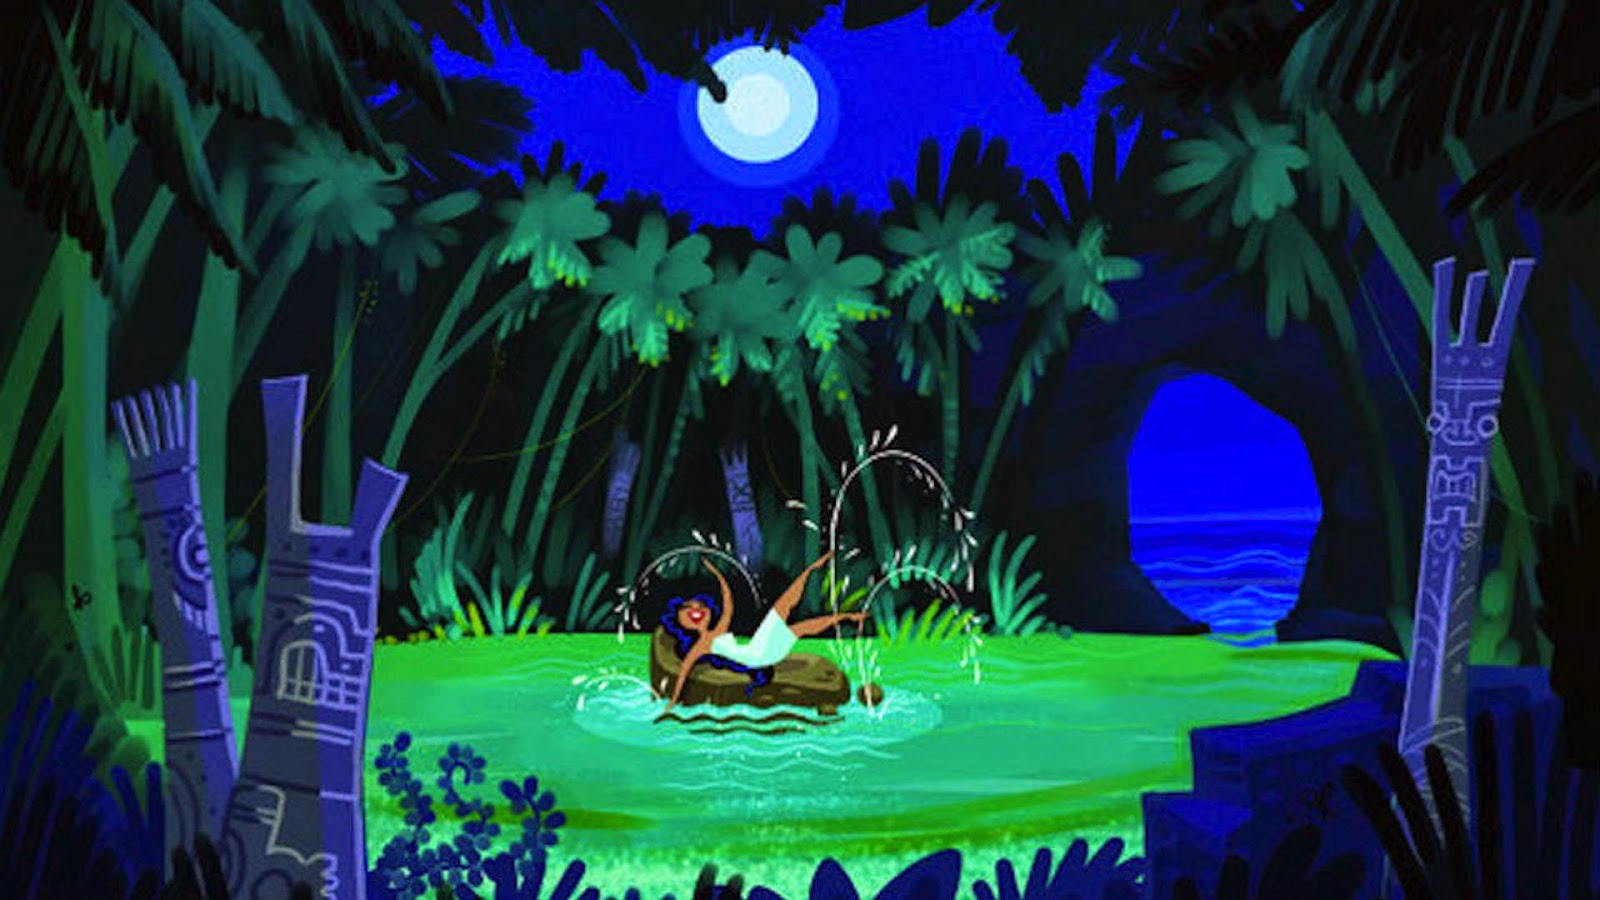 Gambar Moana Princess Walt Disney Film Terbaru Putri Hawai Legenda Polinesia